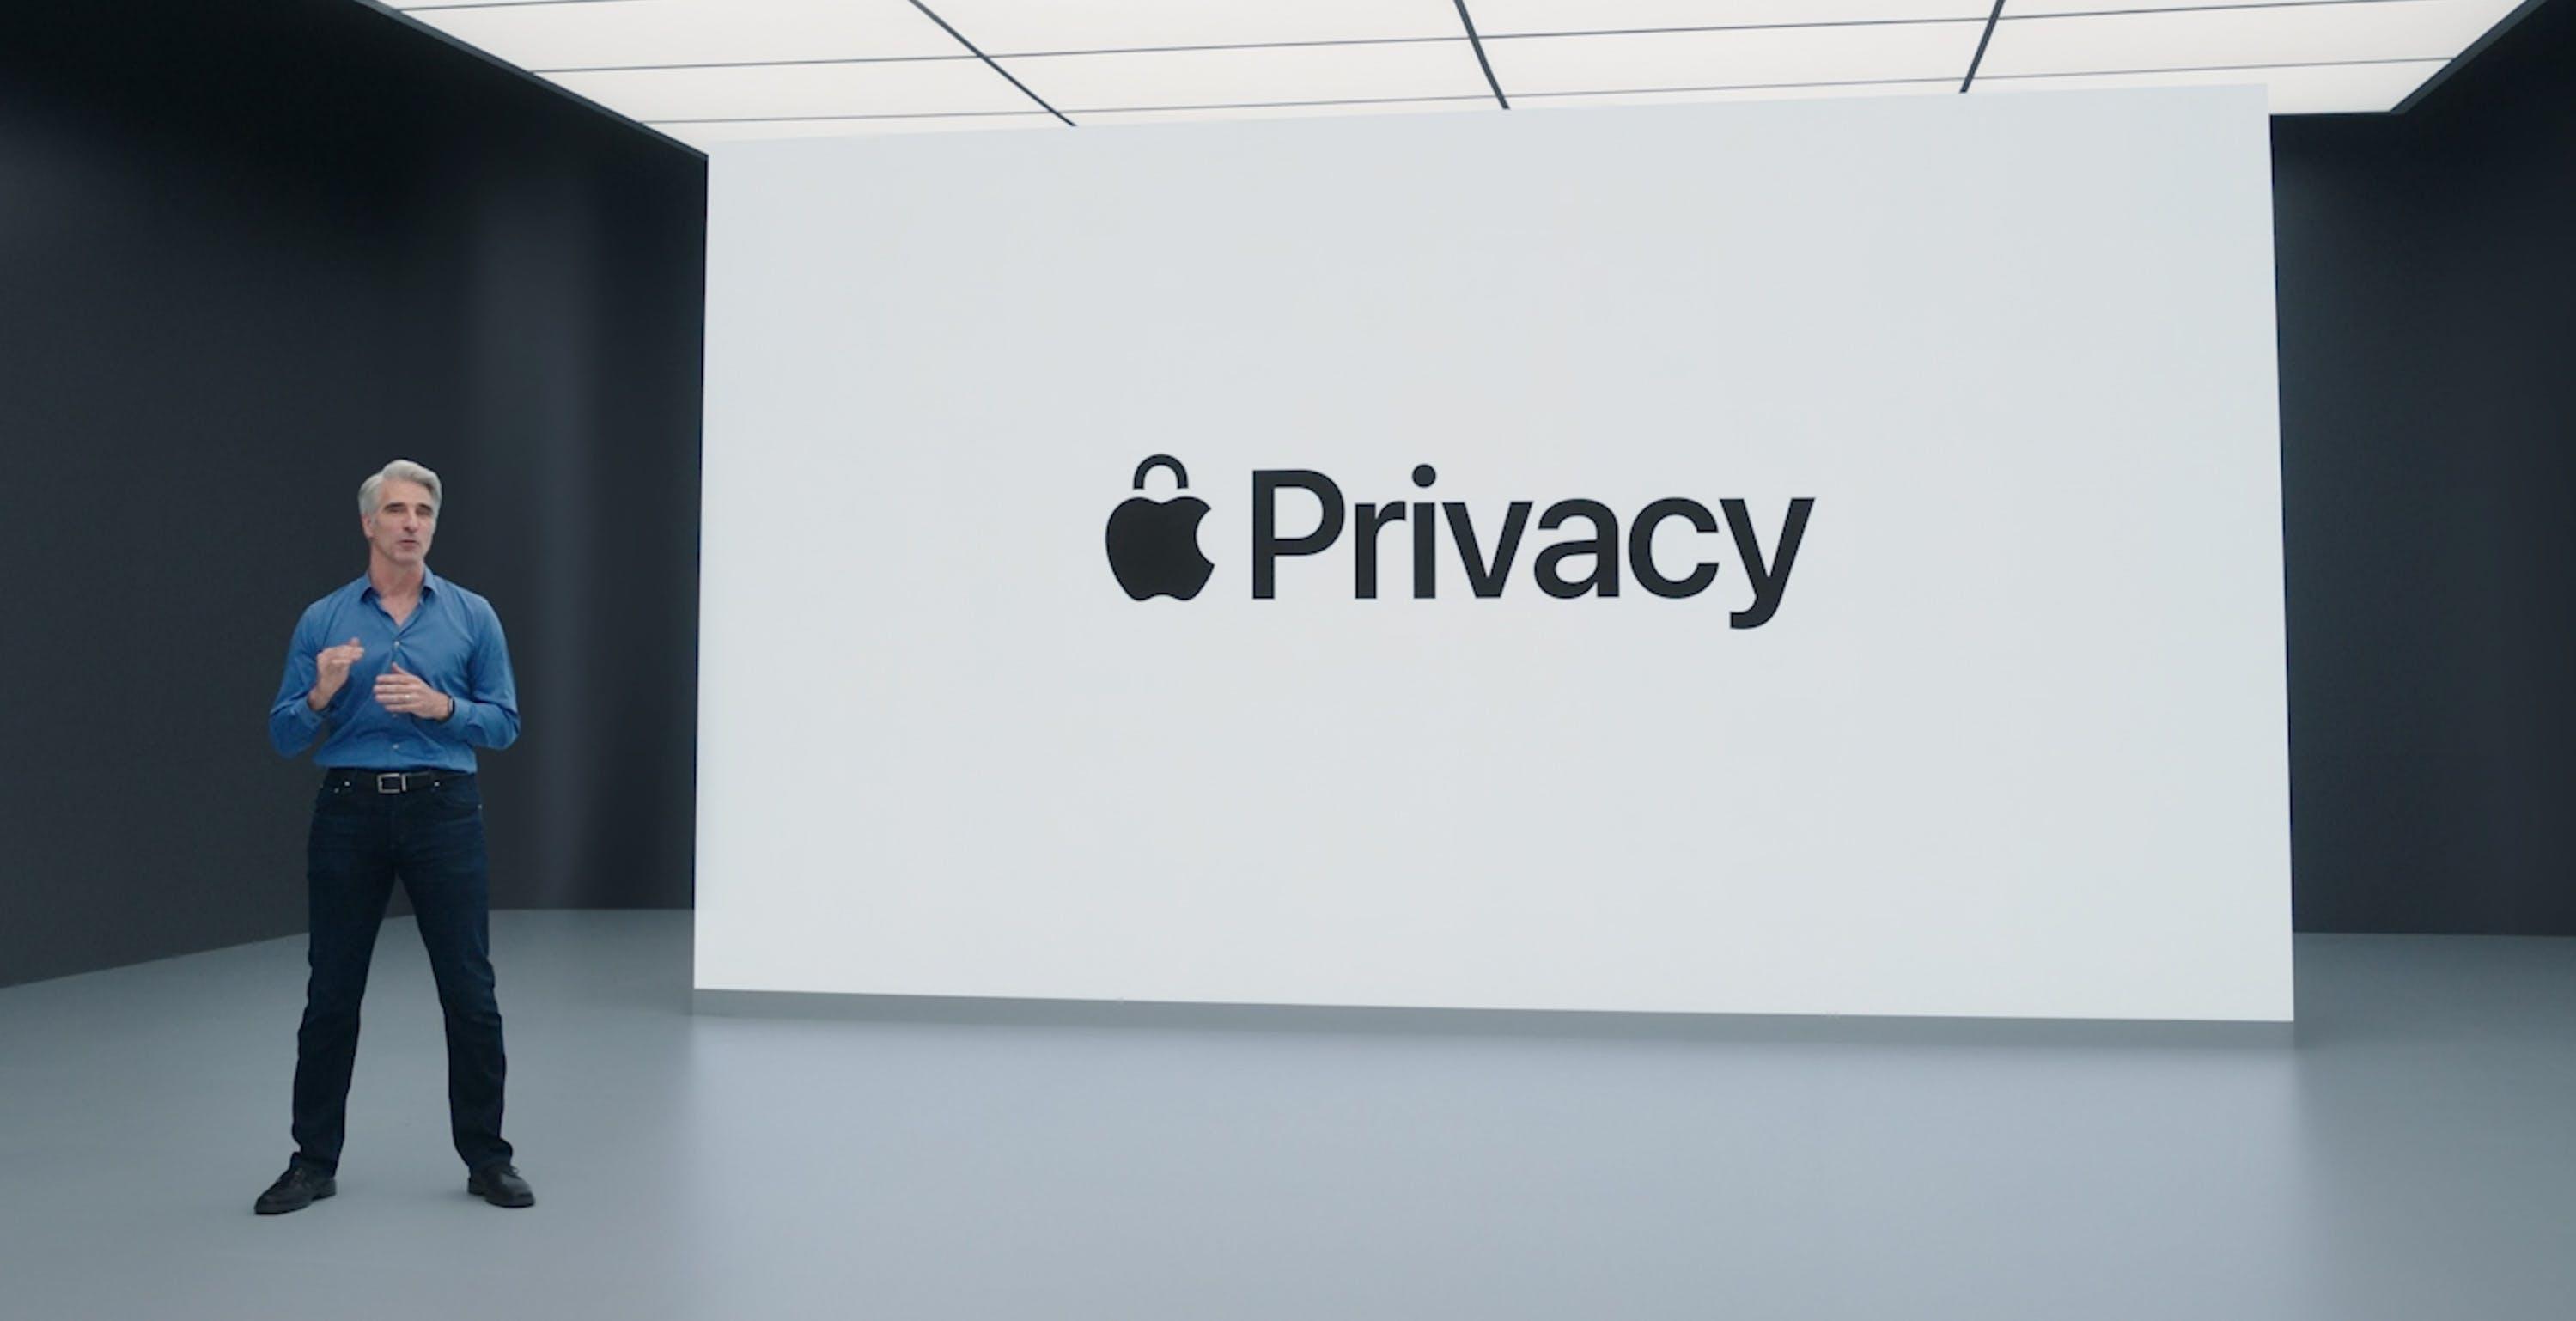 Gli utenti Apple potranno decidere chi erediterà i dati archiviati su iCloud